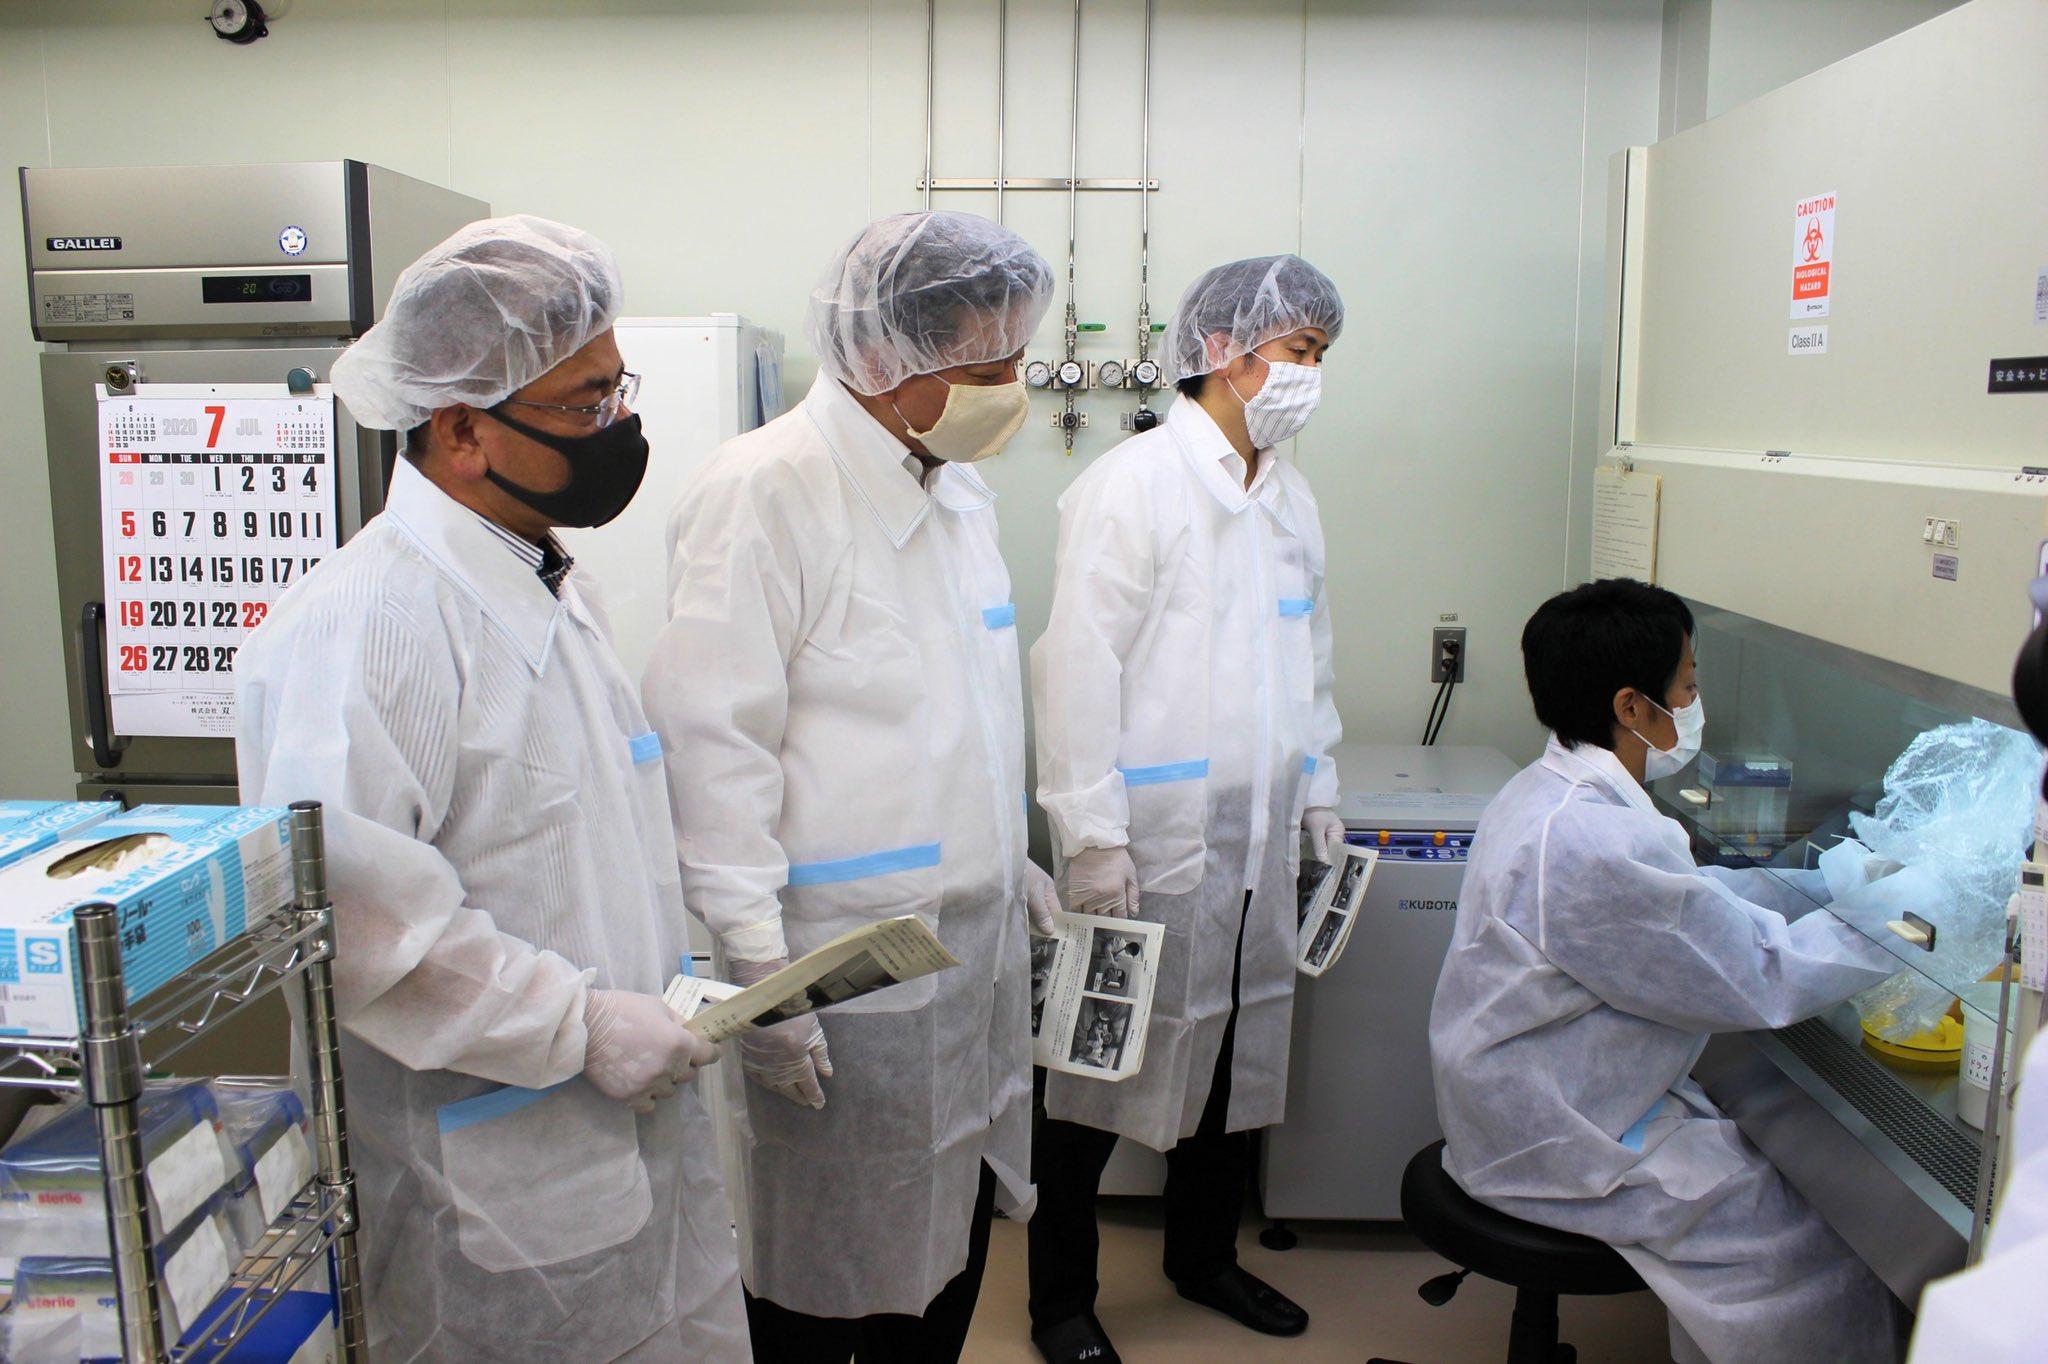 尼崎市立衛生研究所を視察